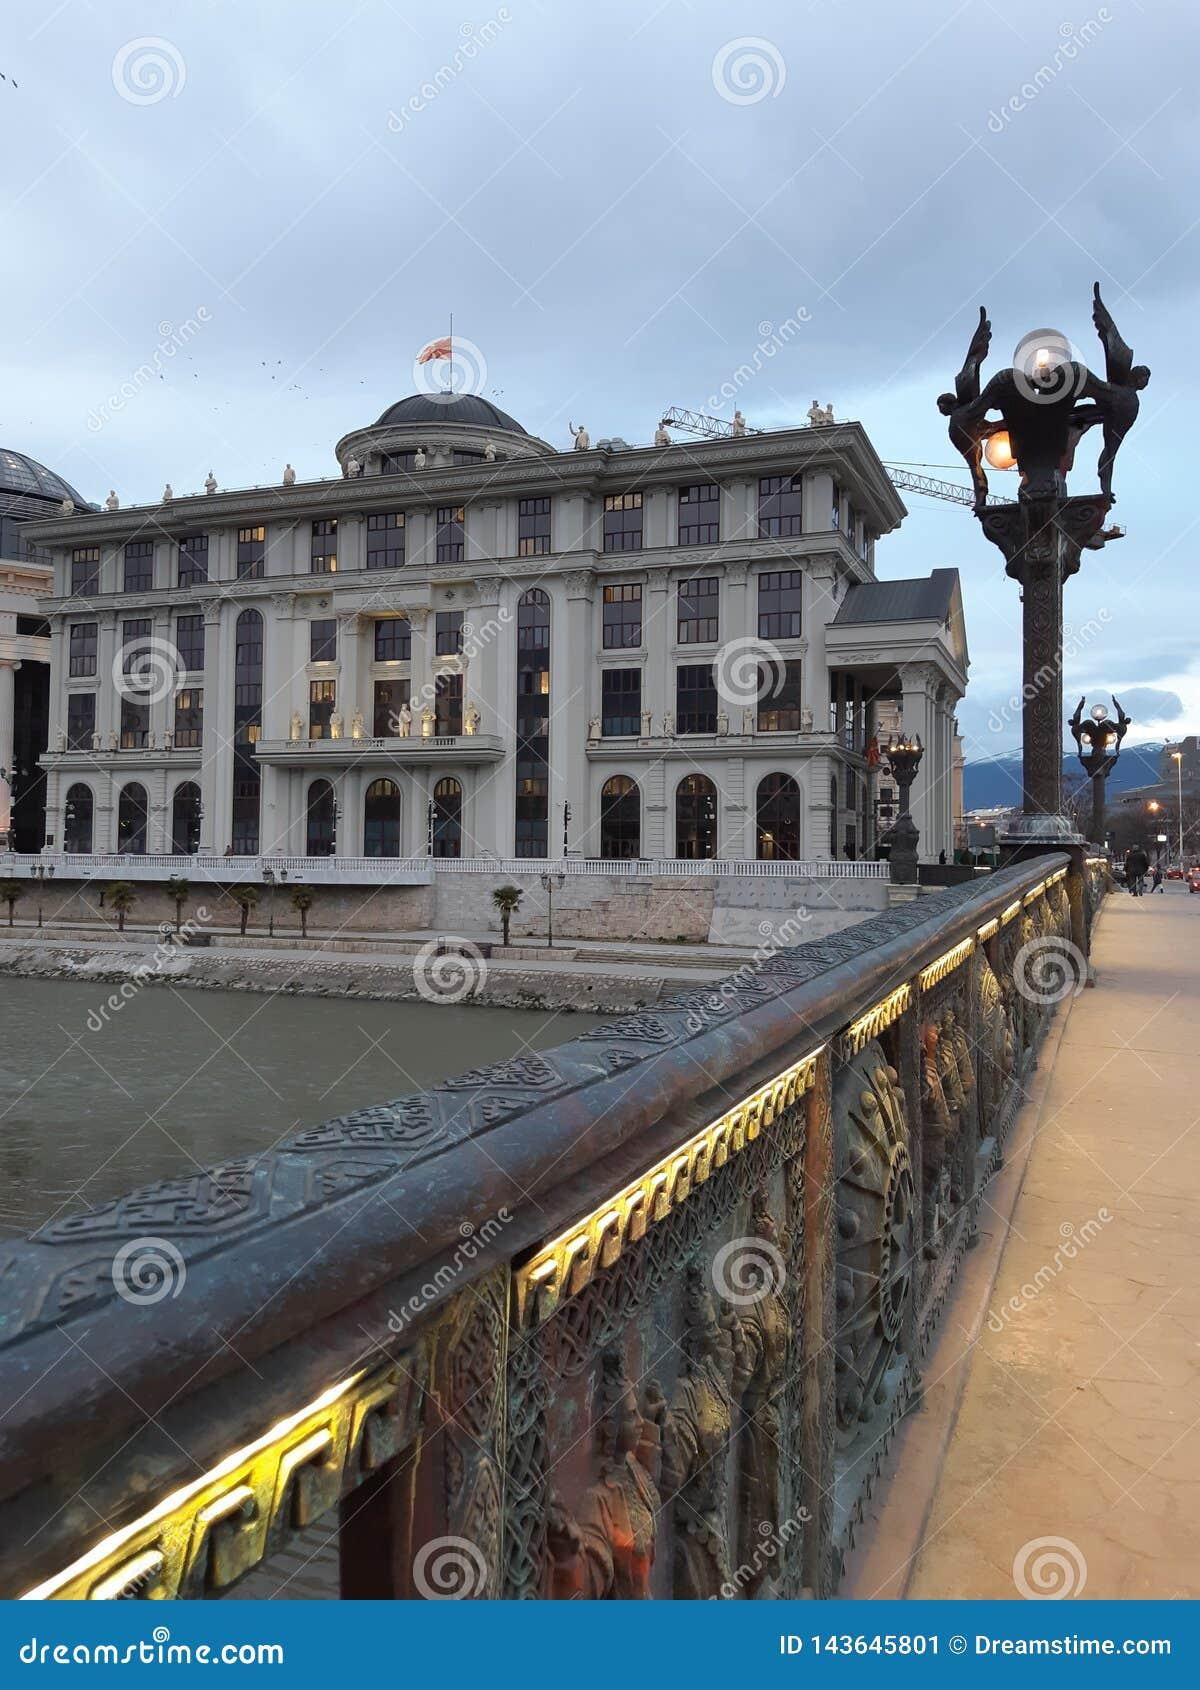 Mazedonien, Skopje, Stadt, Architektur, Tageslicht, Tourismus, Kunst, Quadrat